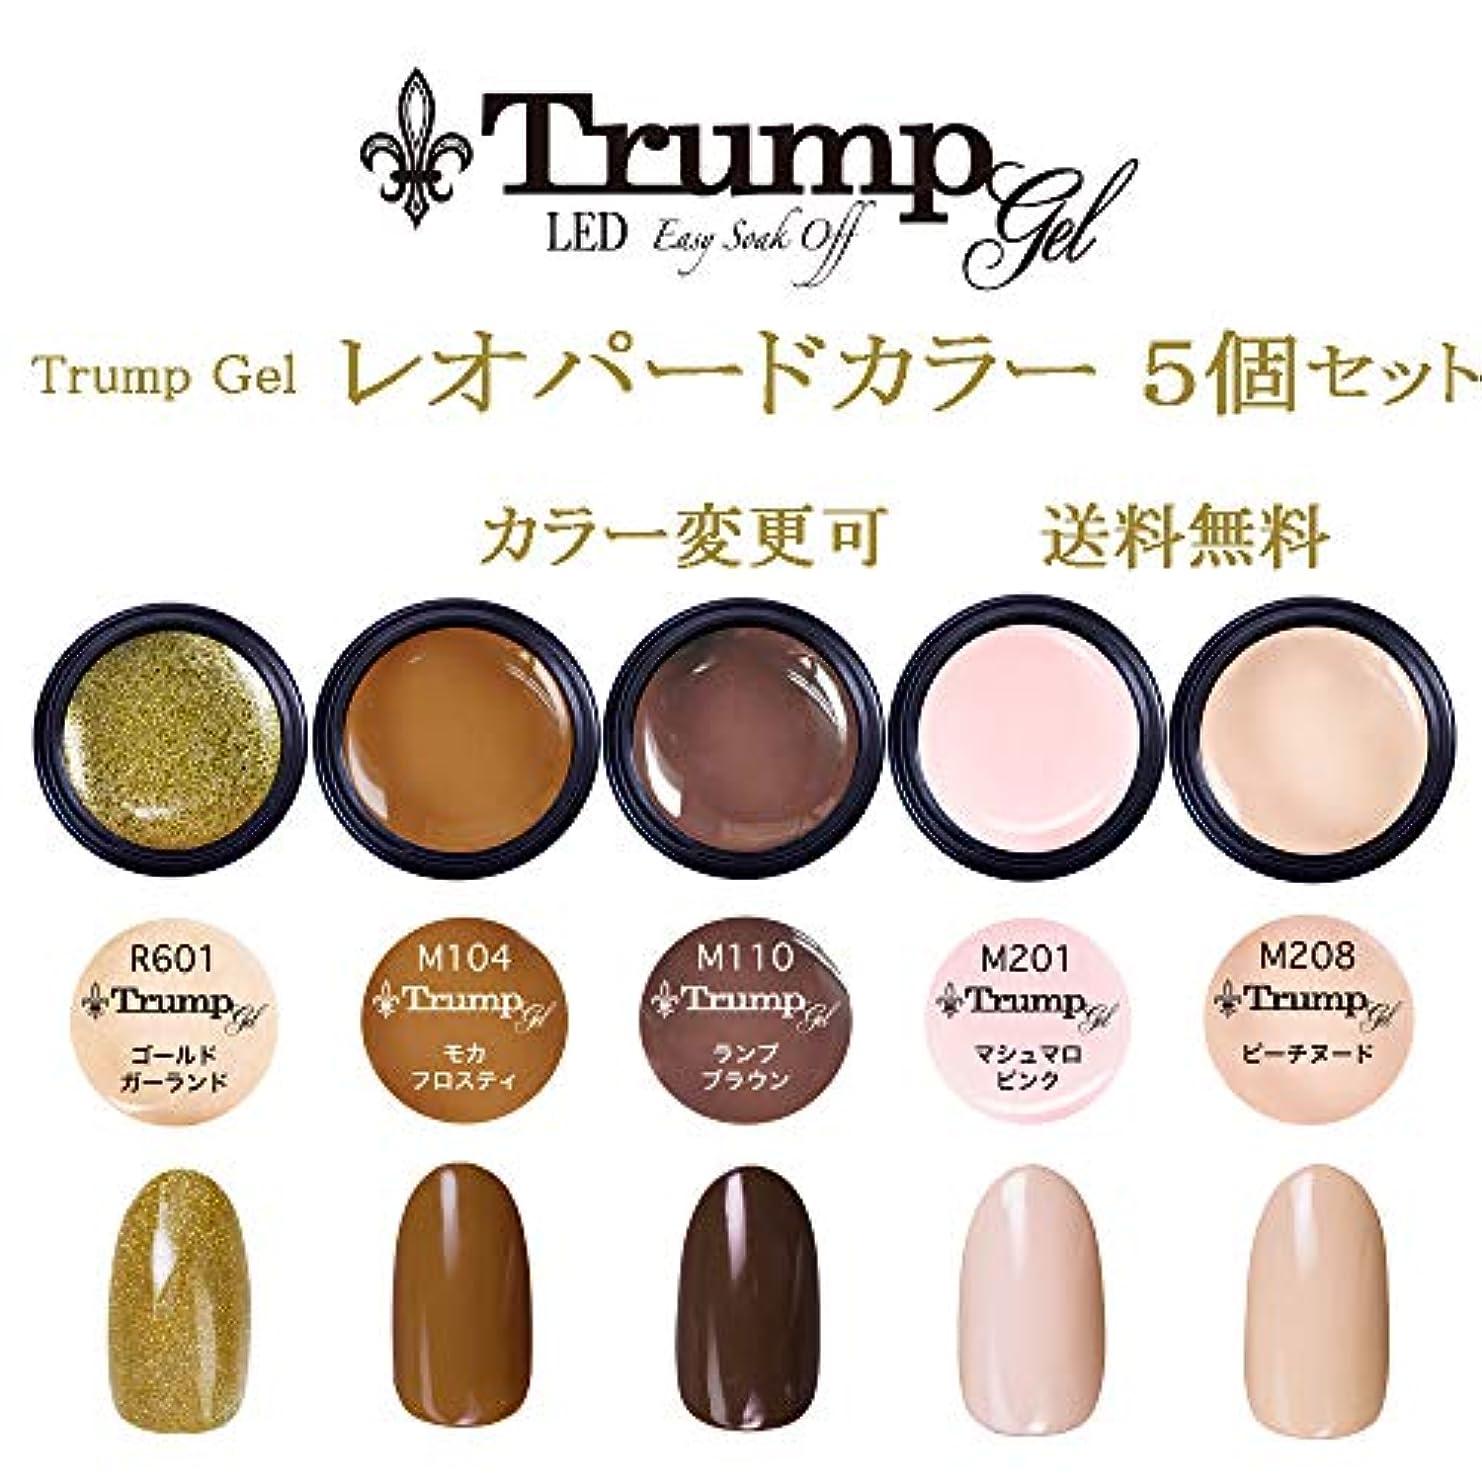 記念品件名寮【送料無料】日本製 Trump gel トランプジェル レオパードカラー 選べる カラージェル 5個セット アニマル ベージュ ブラウン ホワイト ラメ カラー